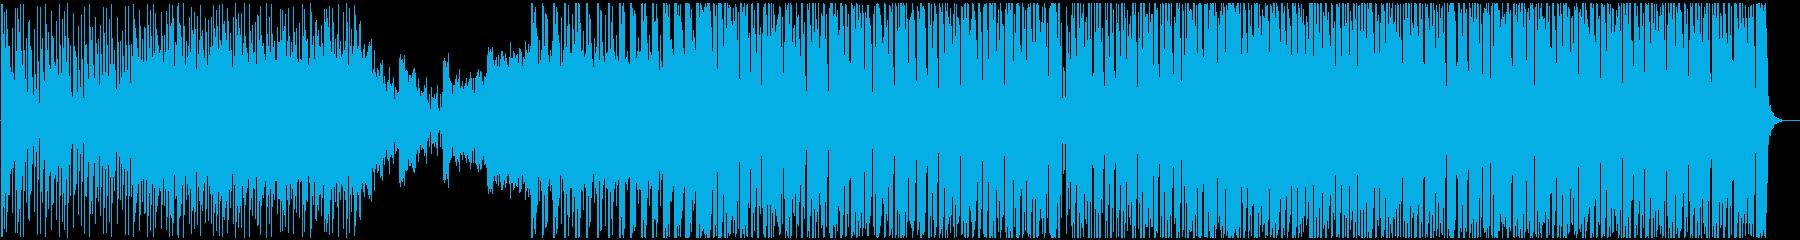 壮大で綺麗めなドラムンベースBGMの再生済みの波形